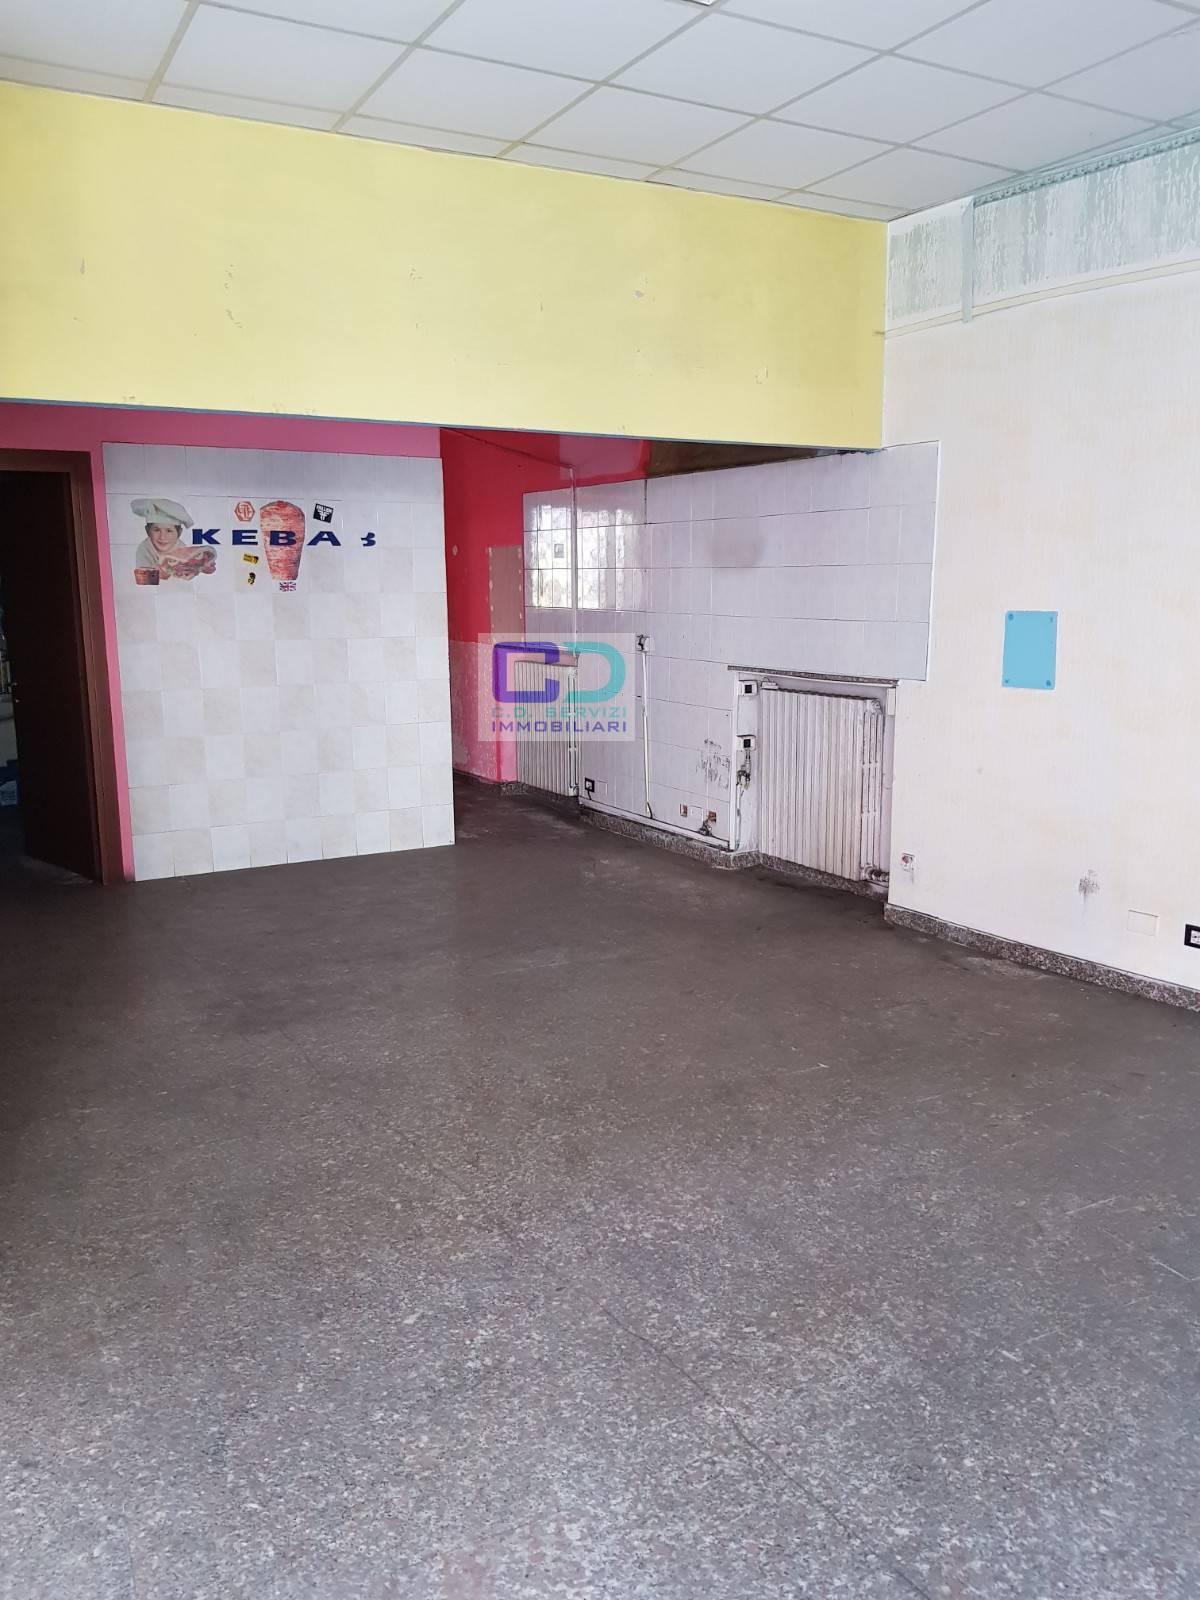 Negozio / Locale in vendita a Verdello, 9999 locali, prezzo € 38.000 | CambioCasa.it